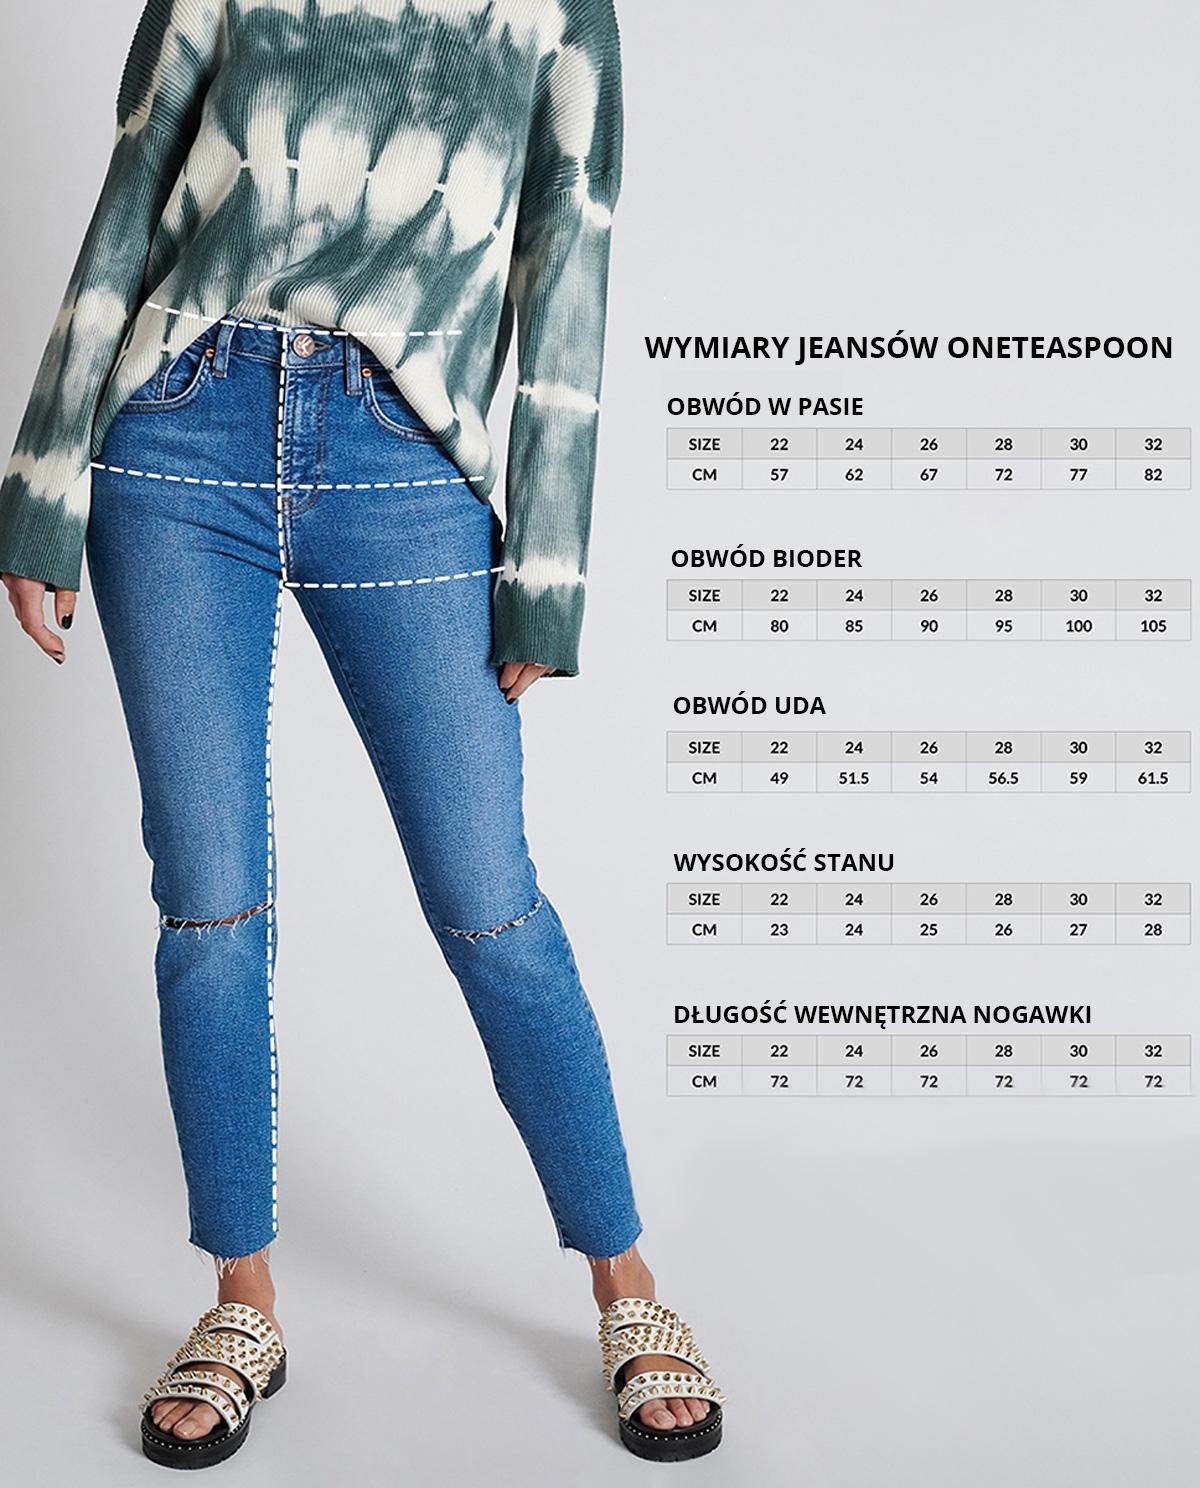 jeansy freebirds ii oneteaspoon wymiary